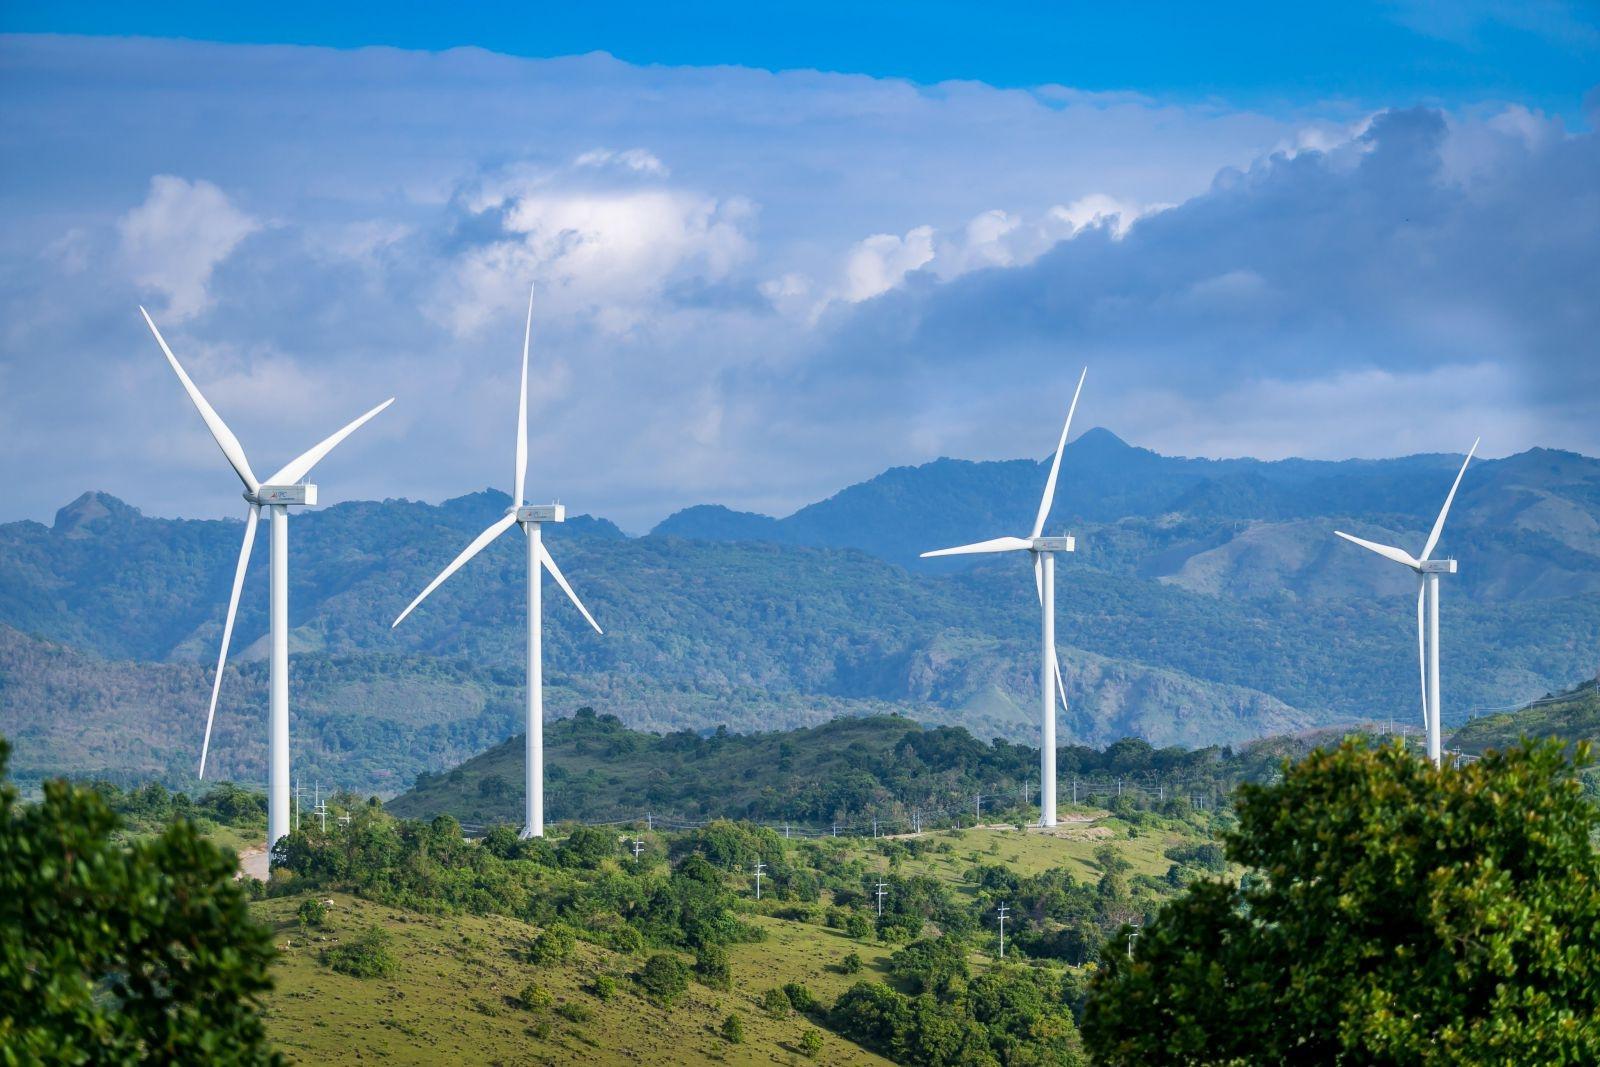 Quảng Trị: Phát triển năng lượng bền vững